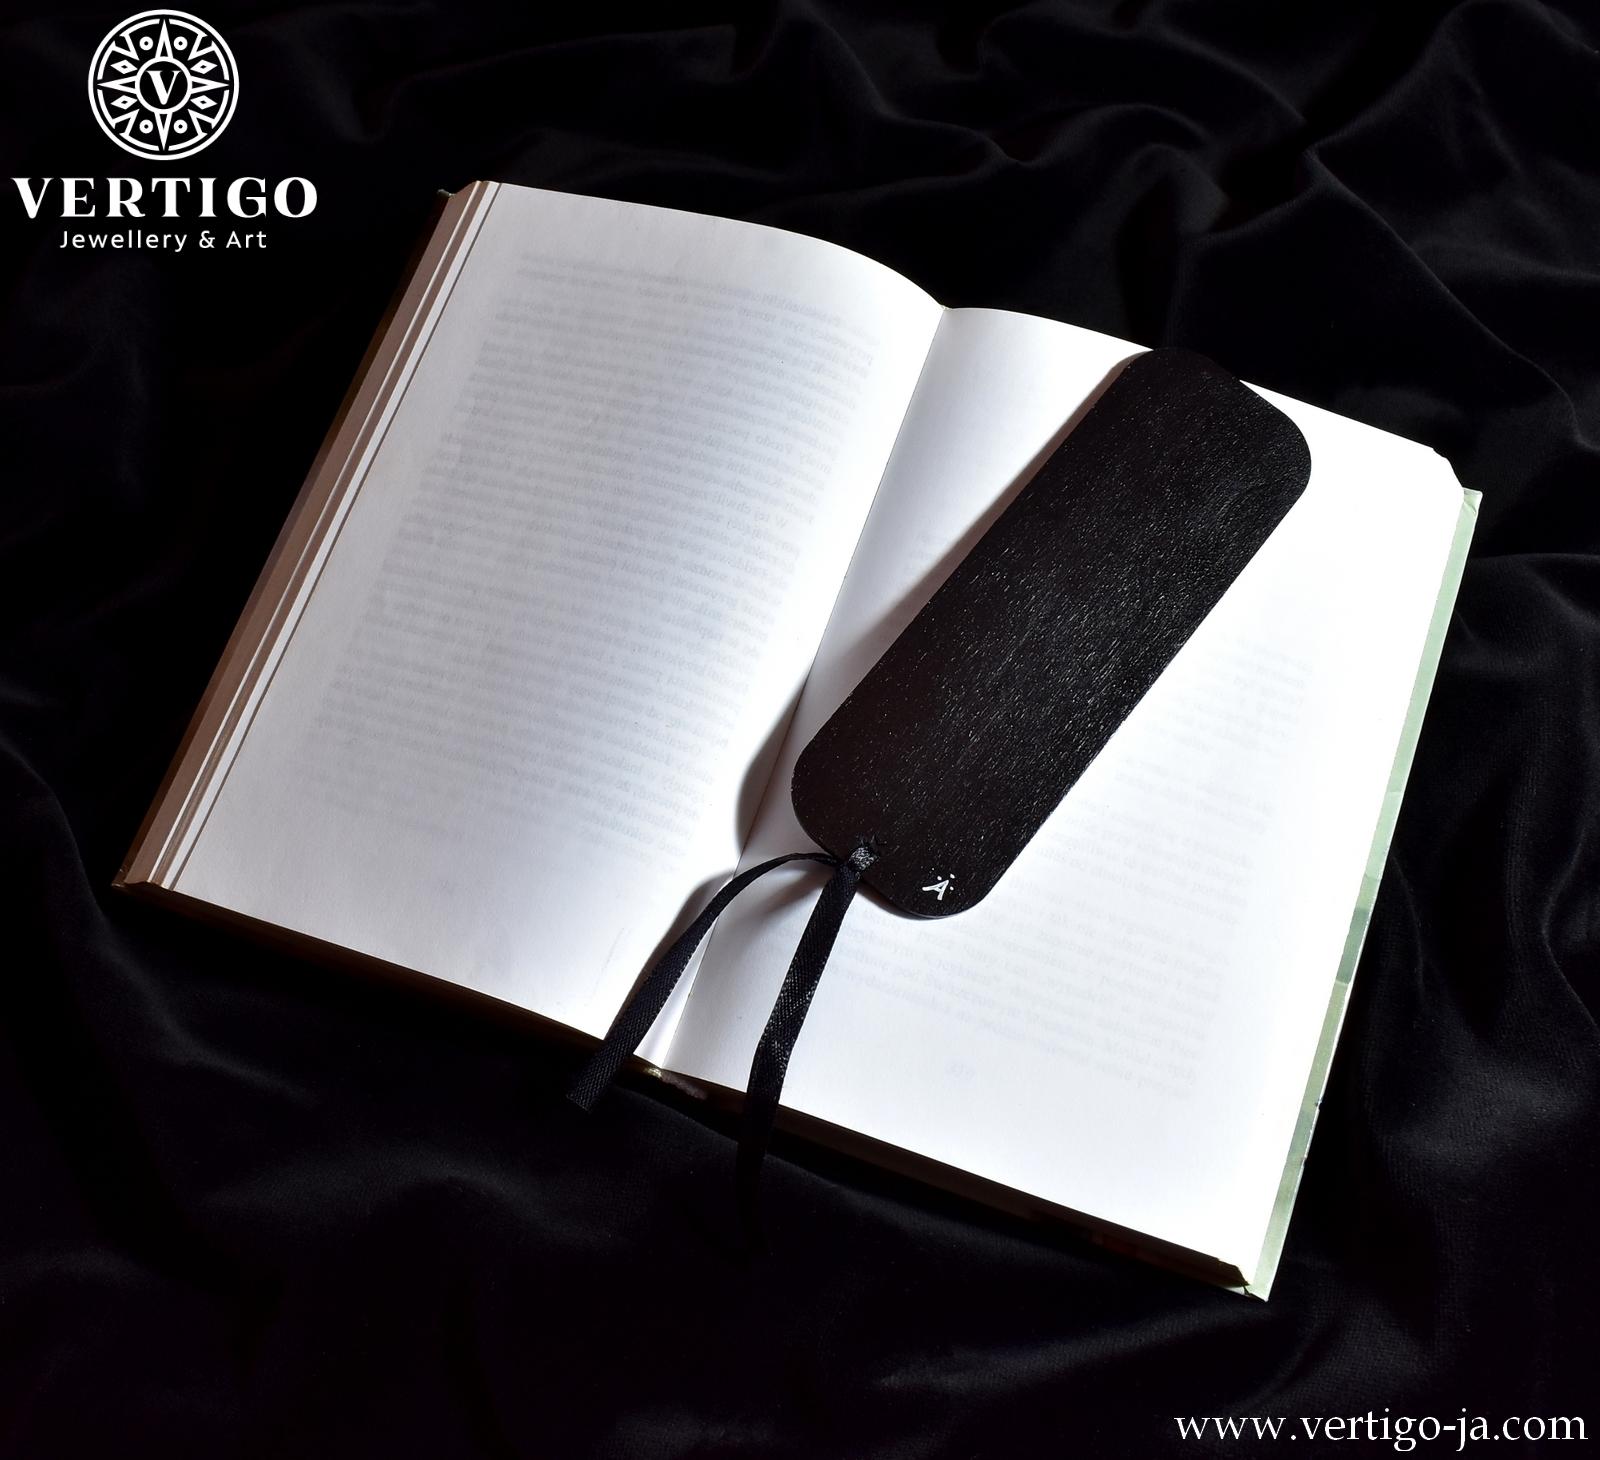 czarny tył drewnianej zakładki do książki z czarnym tatuażowym smokiem na białym tle. Czarna wstążka.